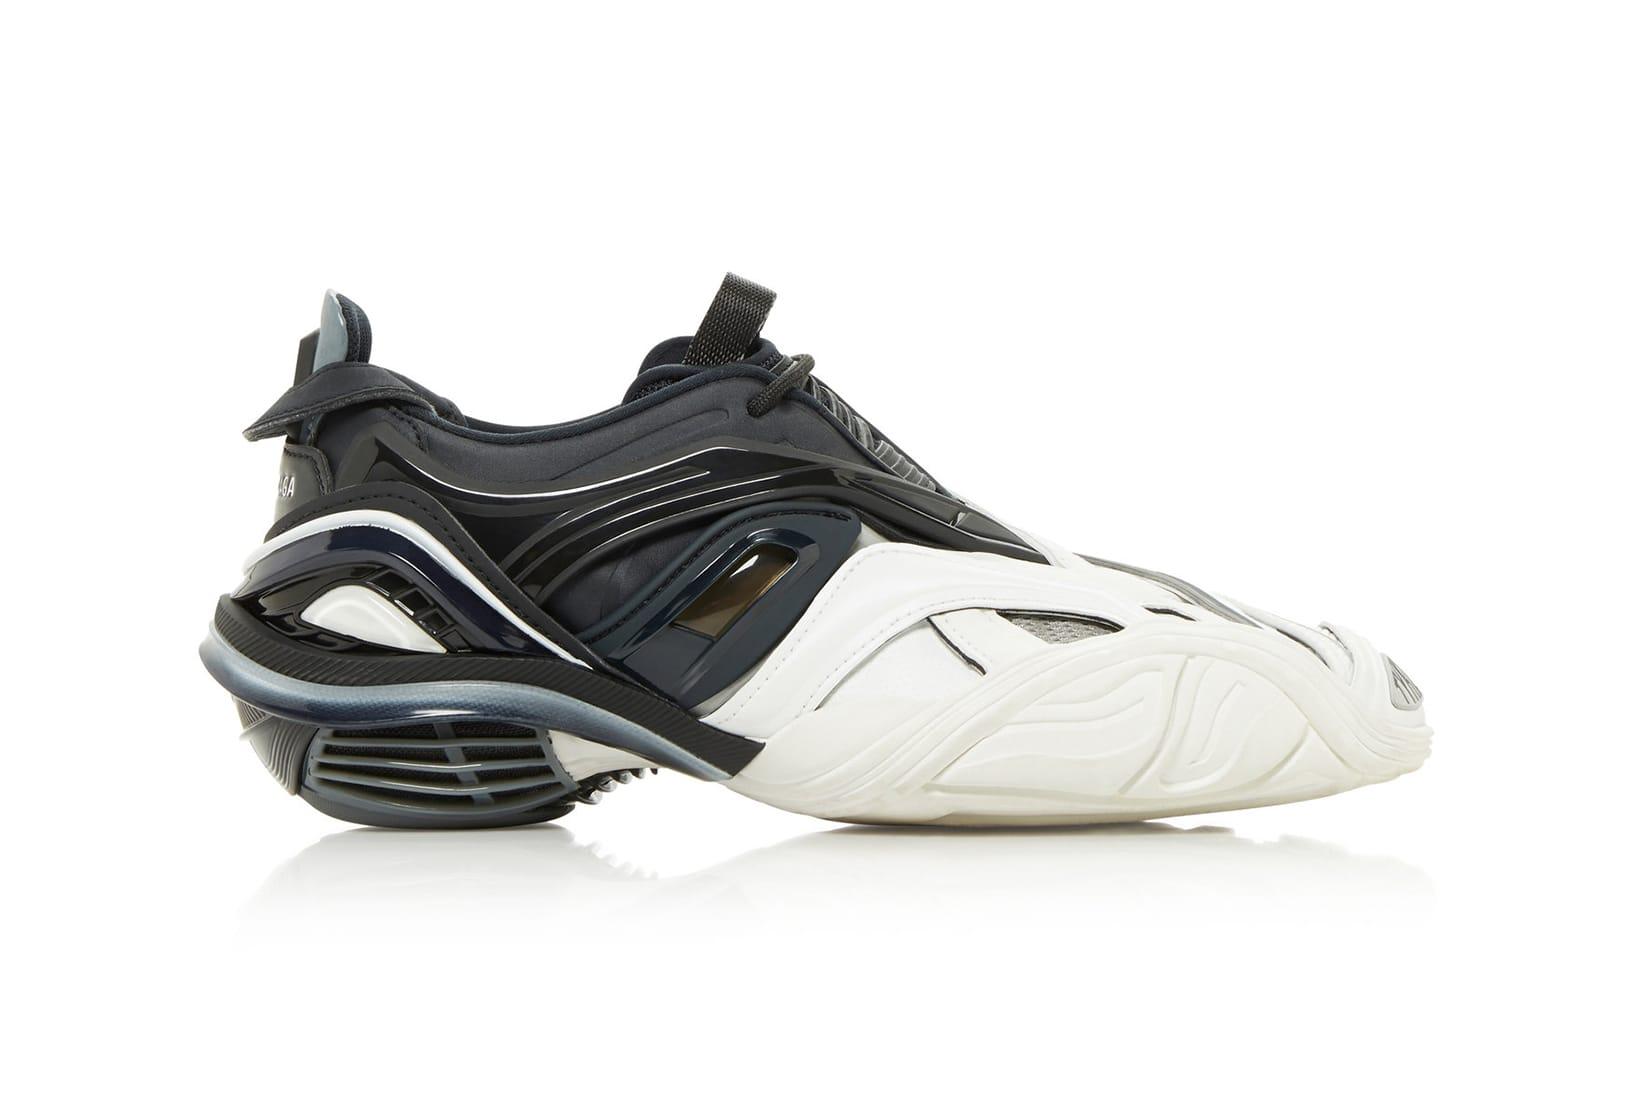 Balenciaga Tyrex Sneakers in Black